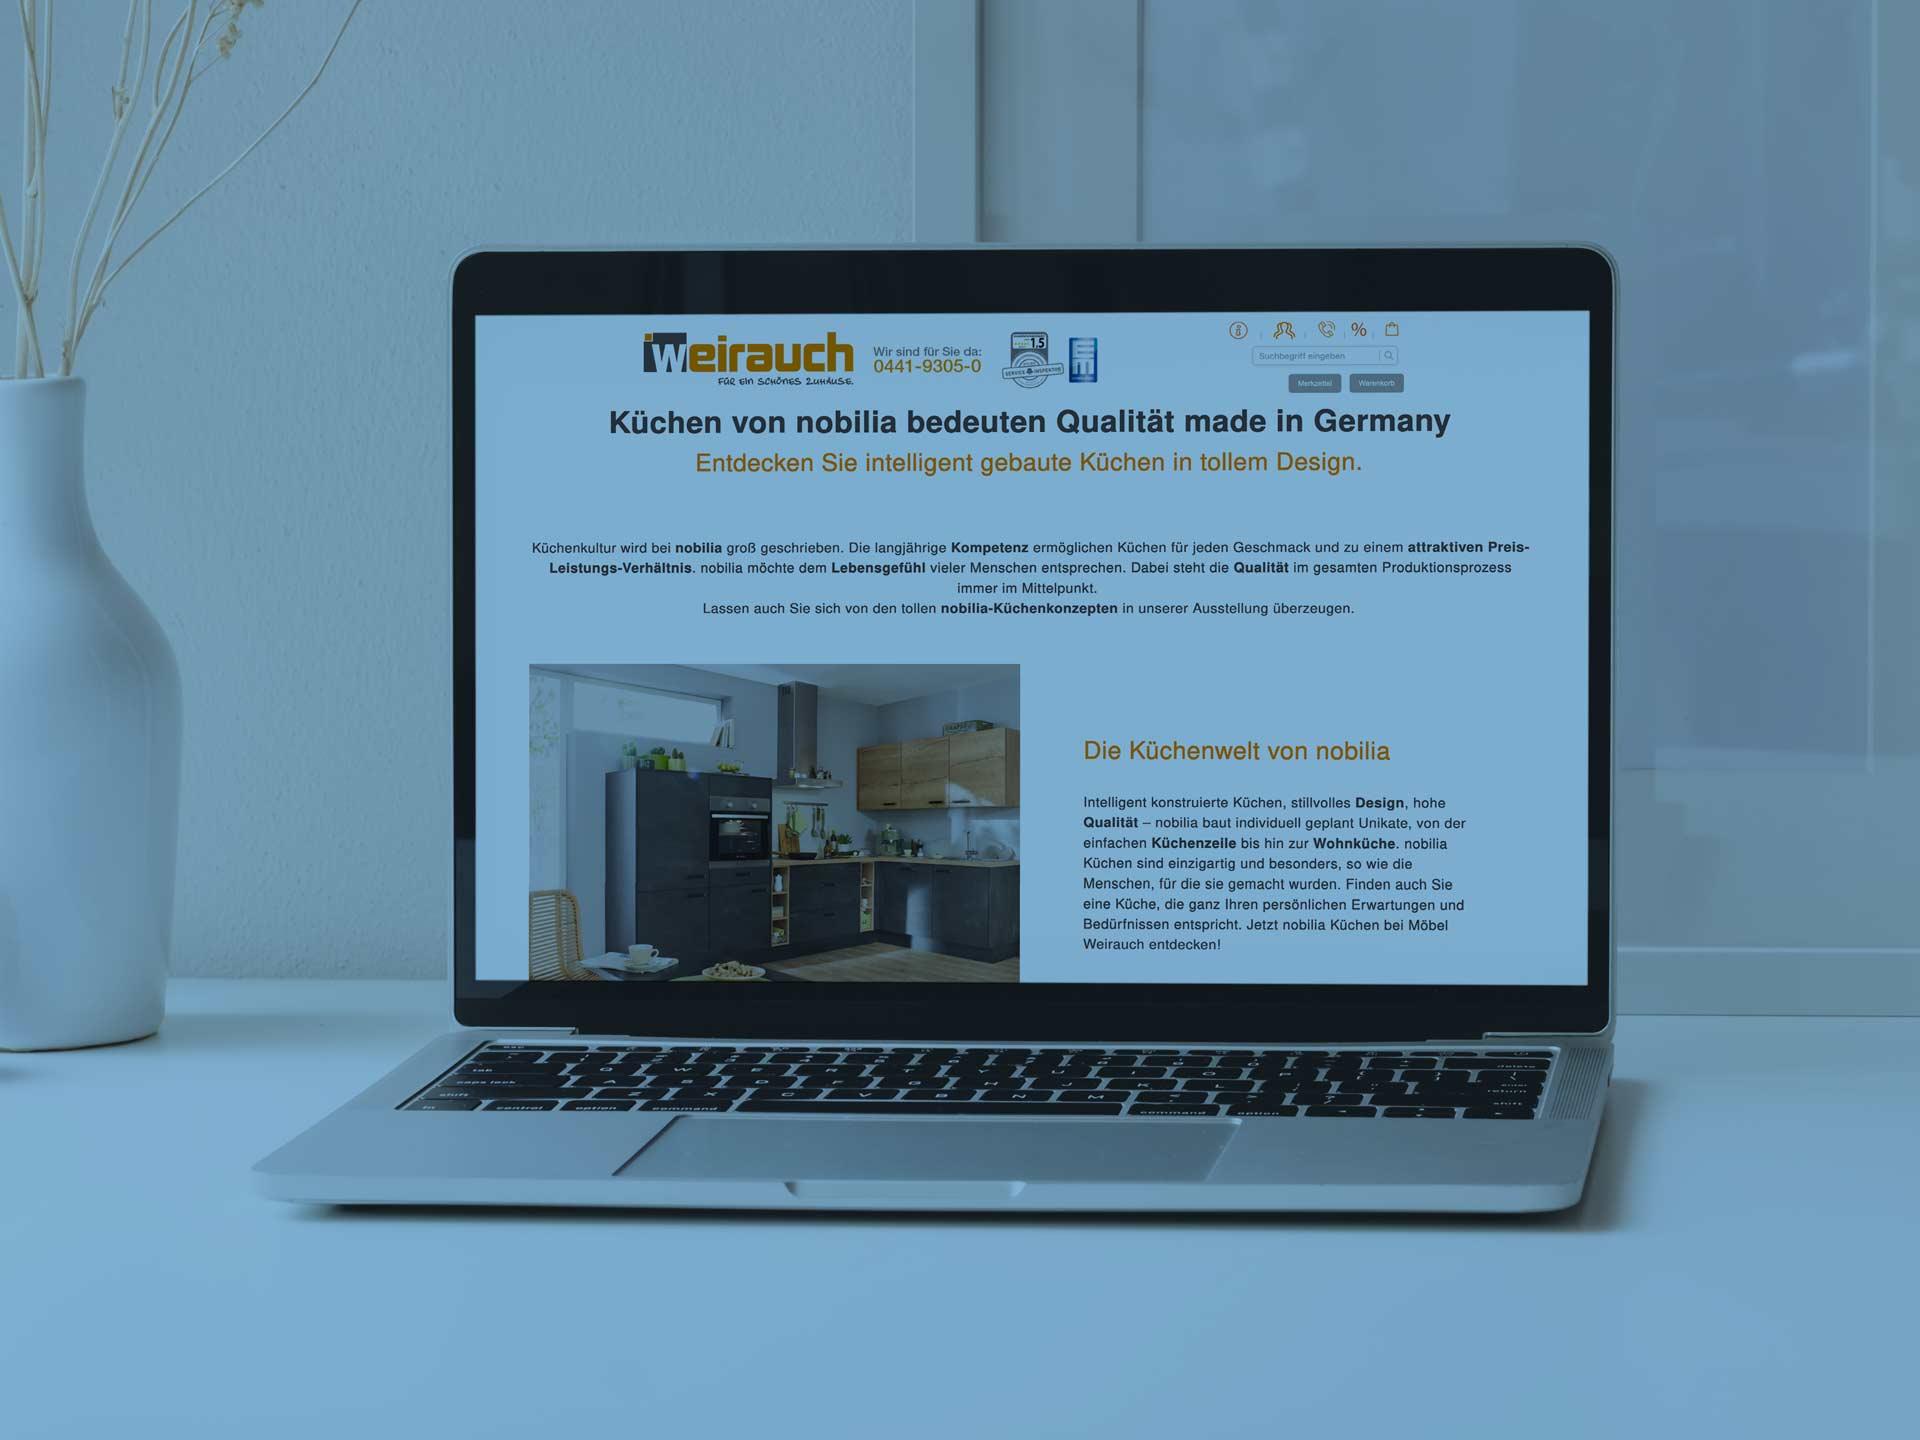 Referenz Möbel Weirauch wird auf einem Laptop dargestellt.